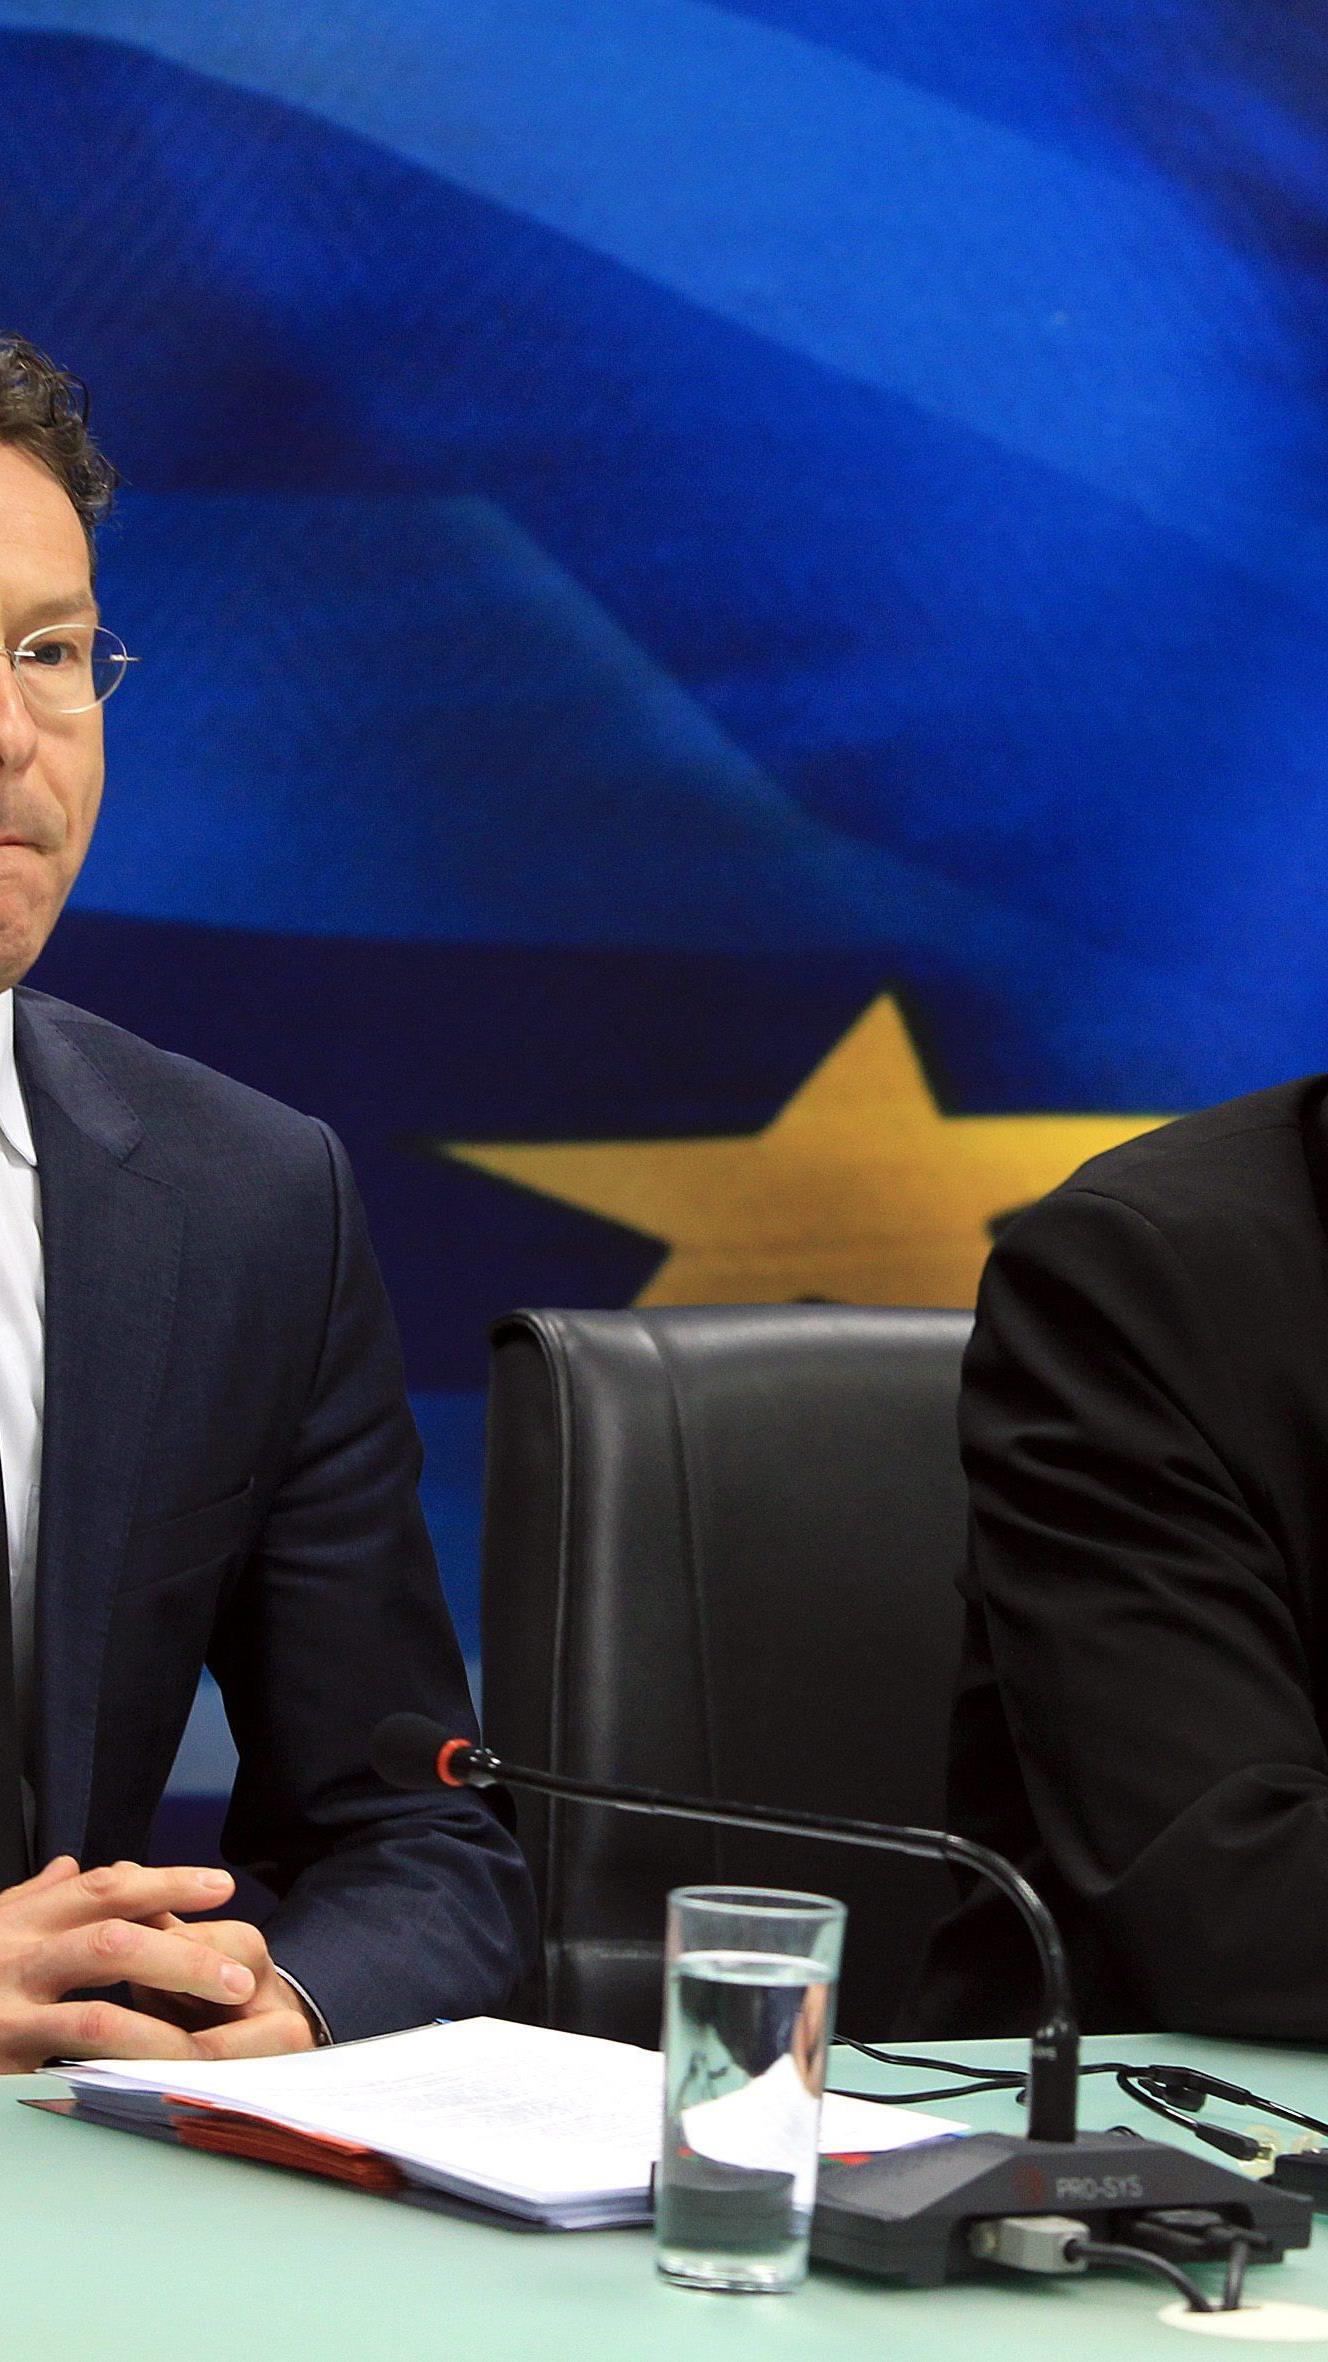 Athen kündigt Kooperation mit Troika-Experten auf. Im Bild: Eurogruppen-Chef Dijsselbloem und der griechische Finanzminister Varoufakis